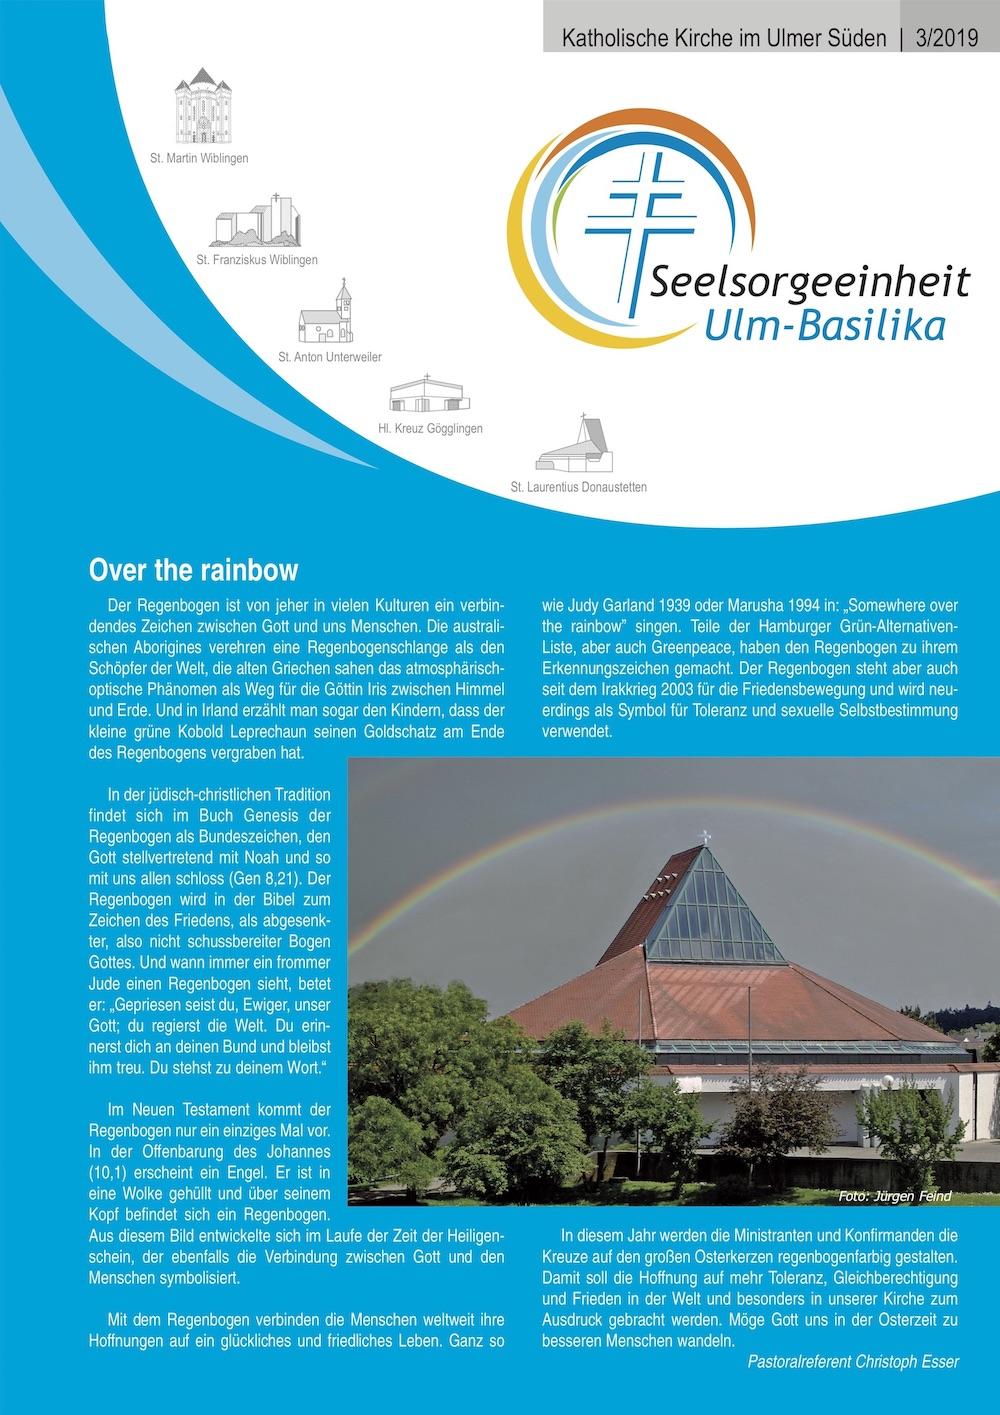 Katholische Kirche im Ulmer Süden 3 -2019